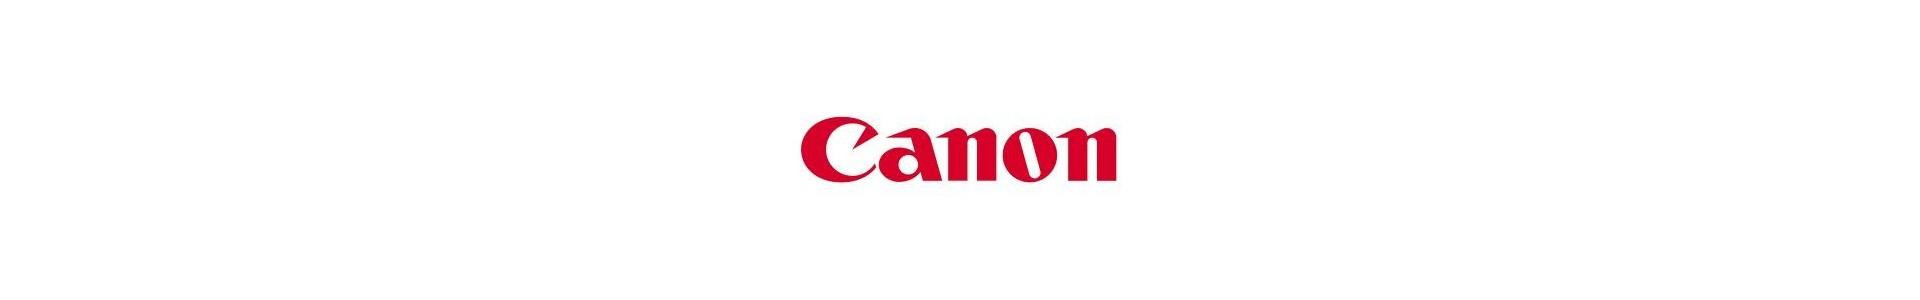 Tinteiros Compativeis Canon